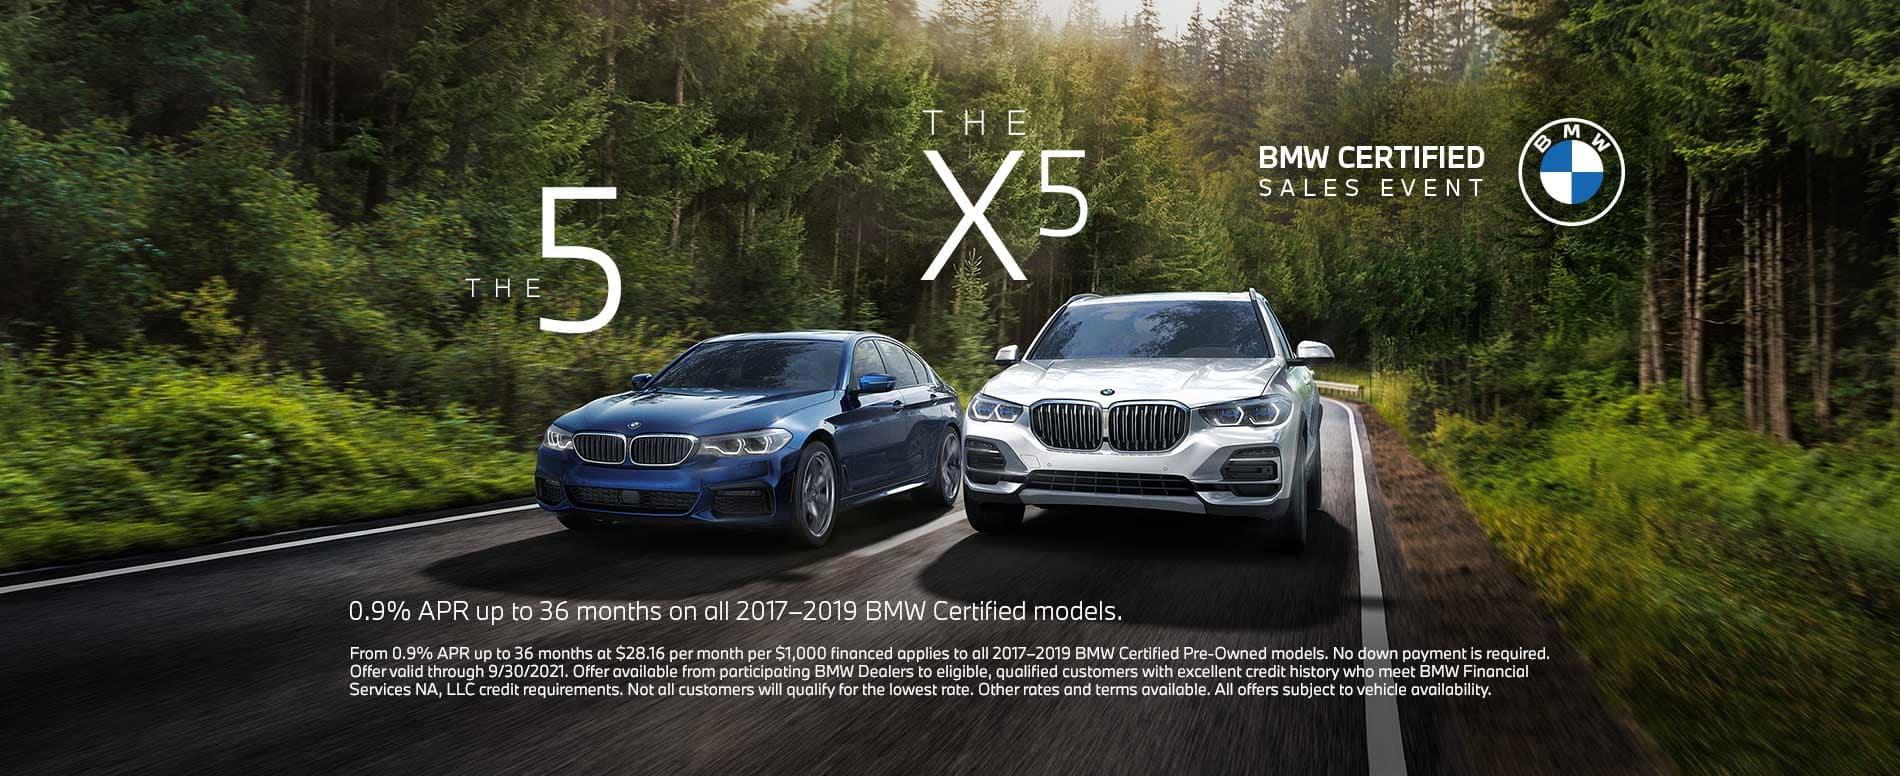 BMWNA-GE052004-Certified-Sep-7-Sep30_1900x776-1